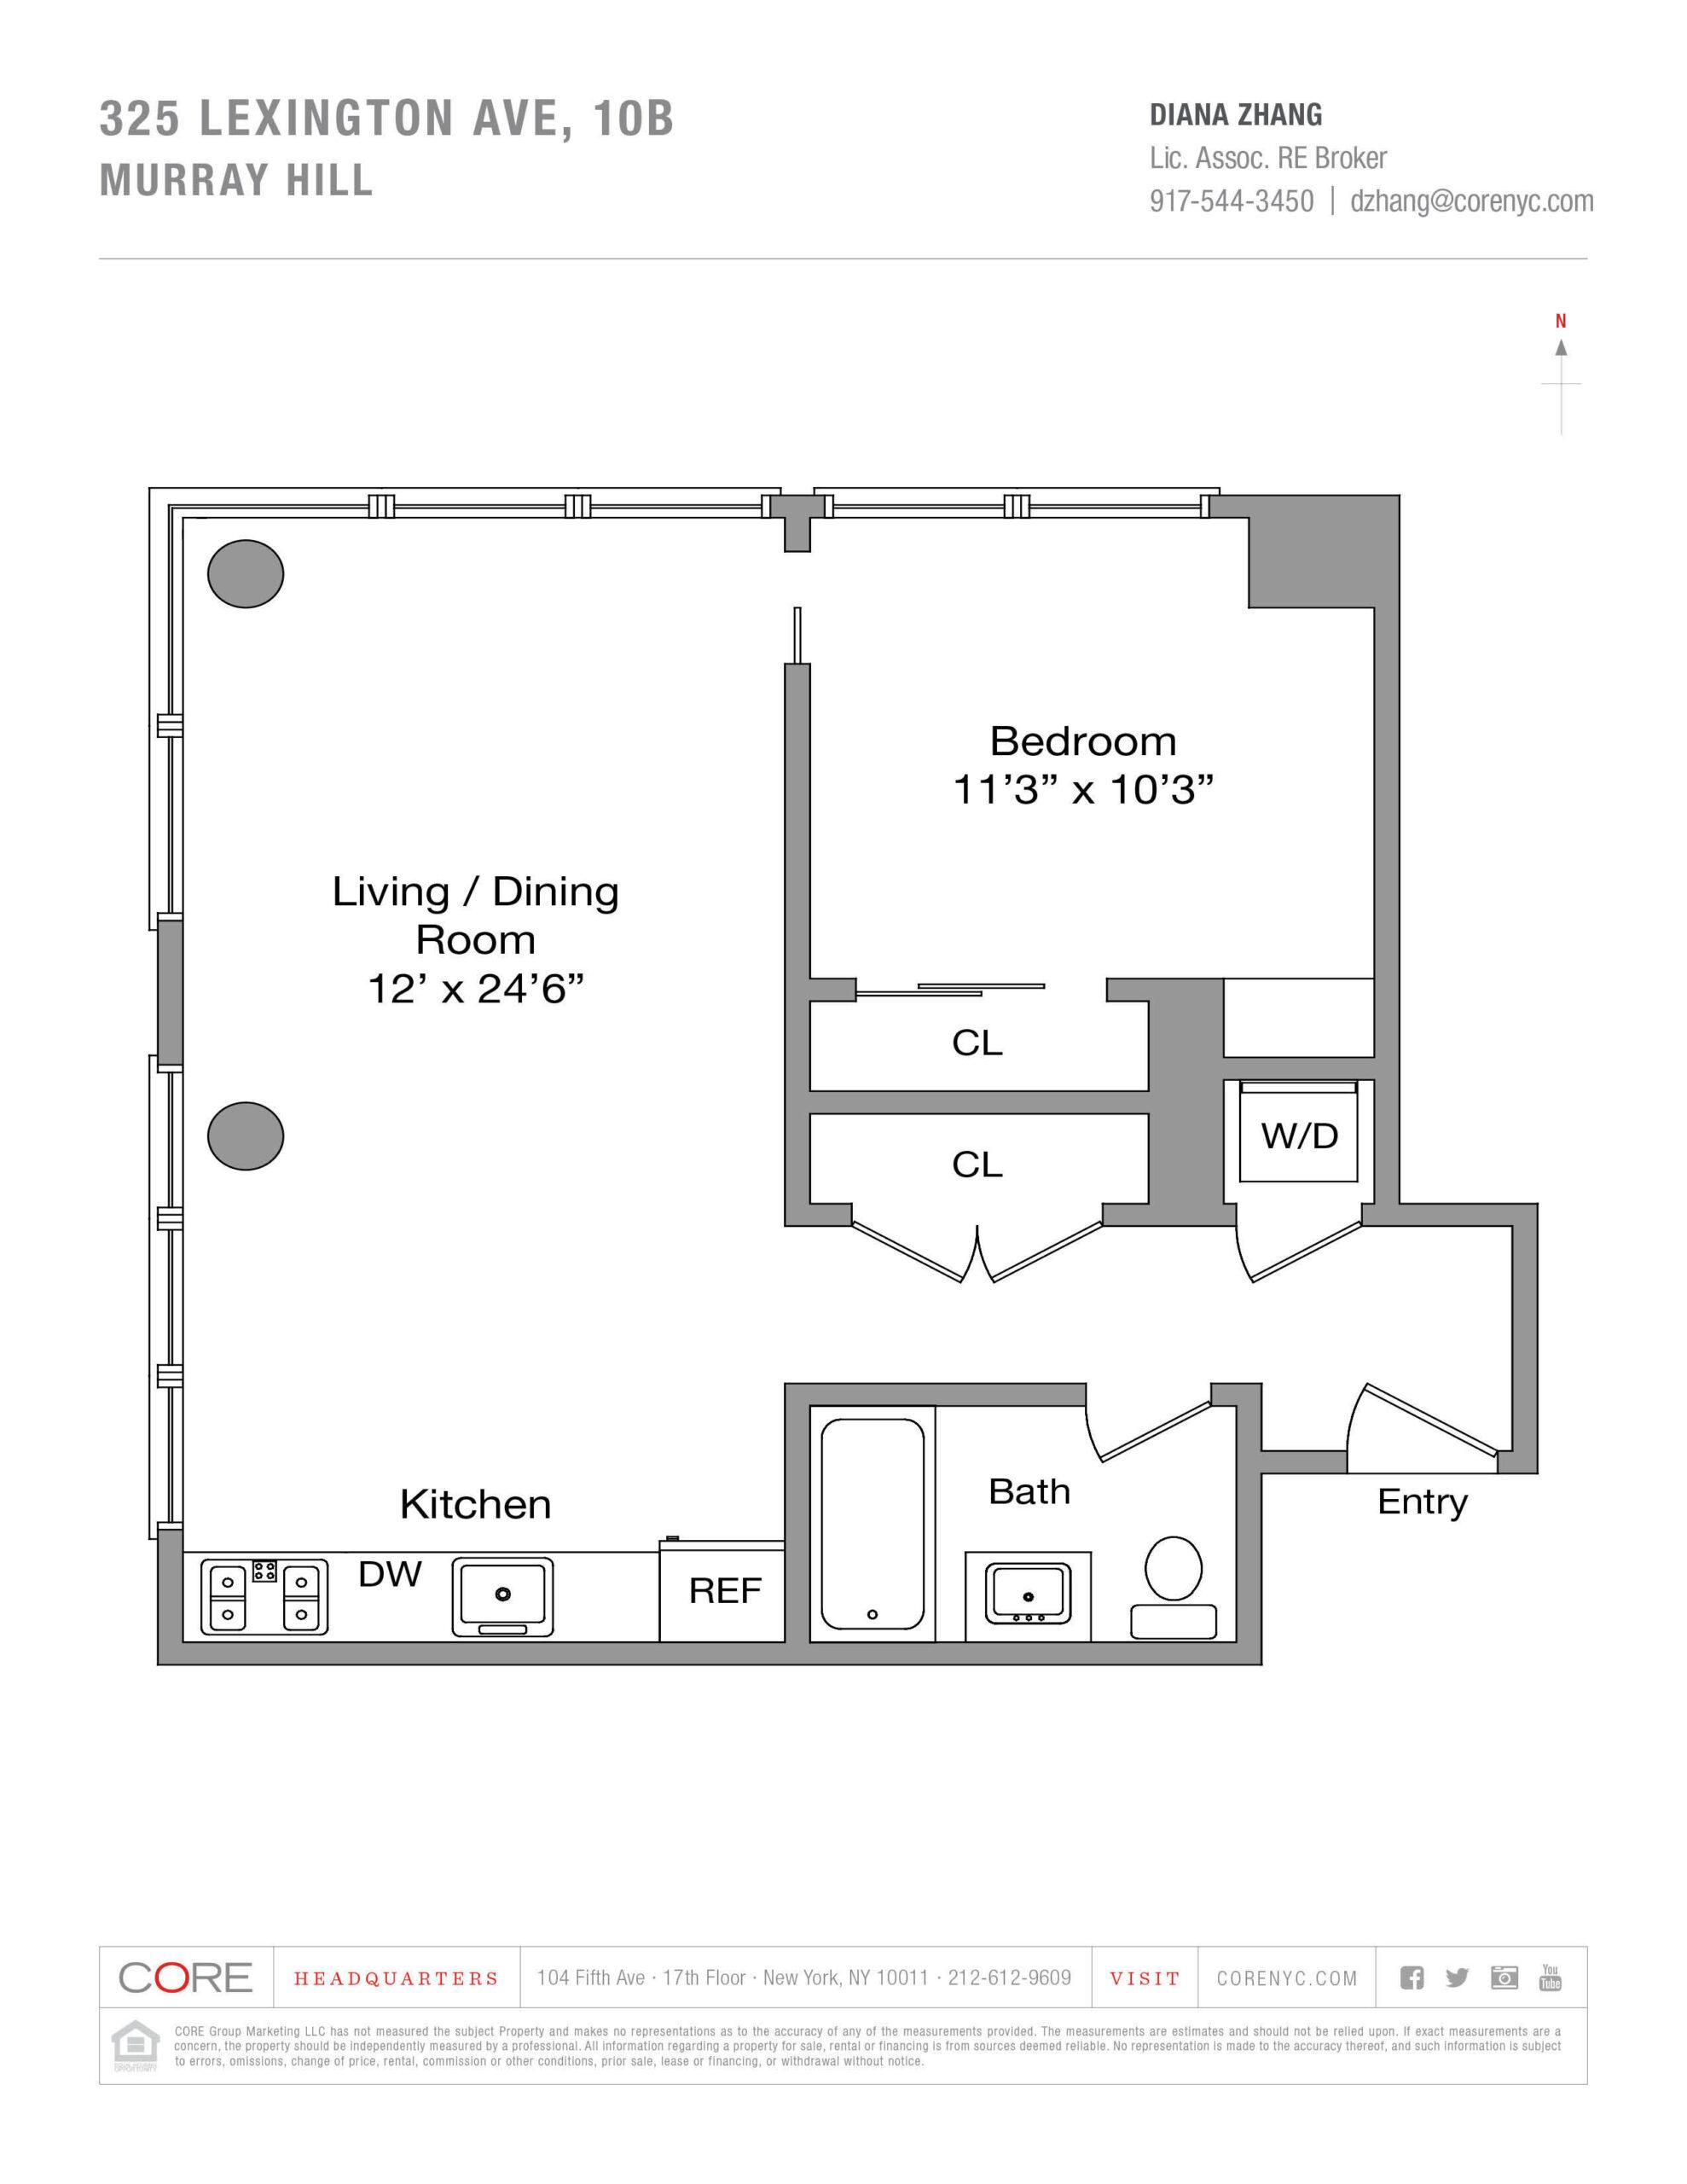 325 Lexington Ave. 10B, New York, NY 10016